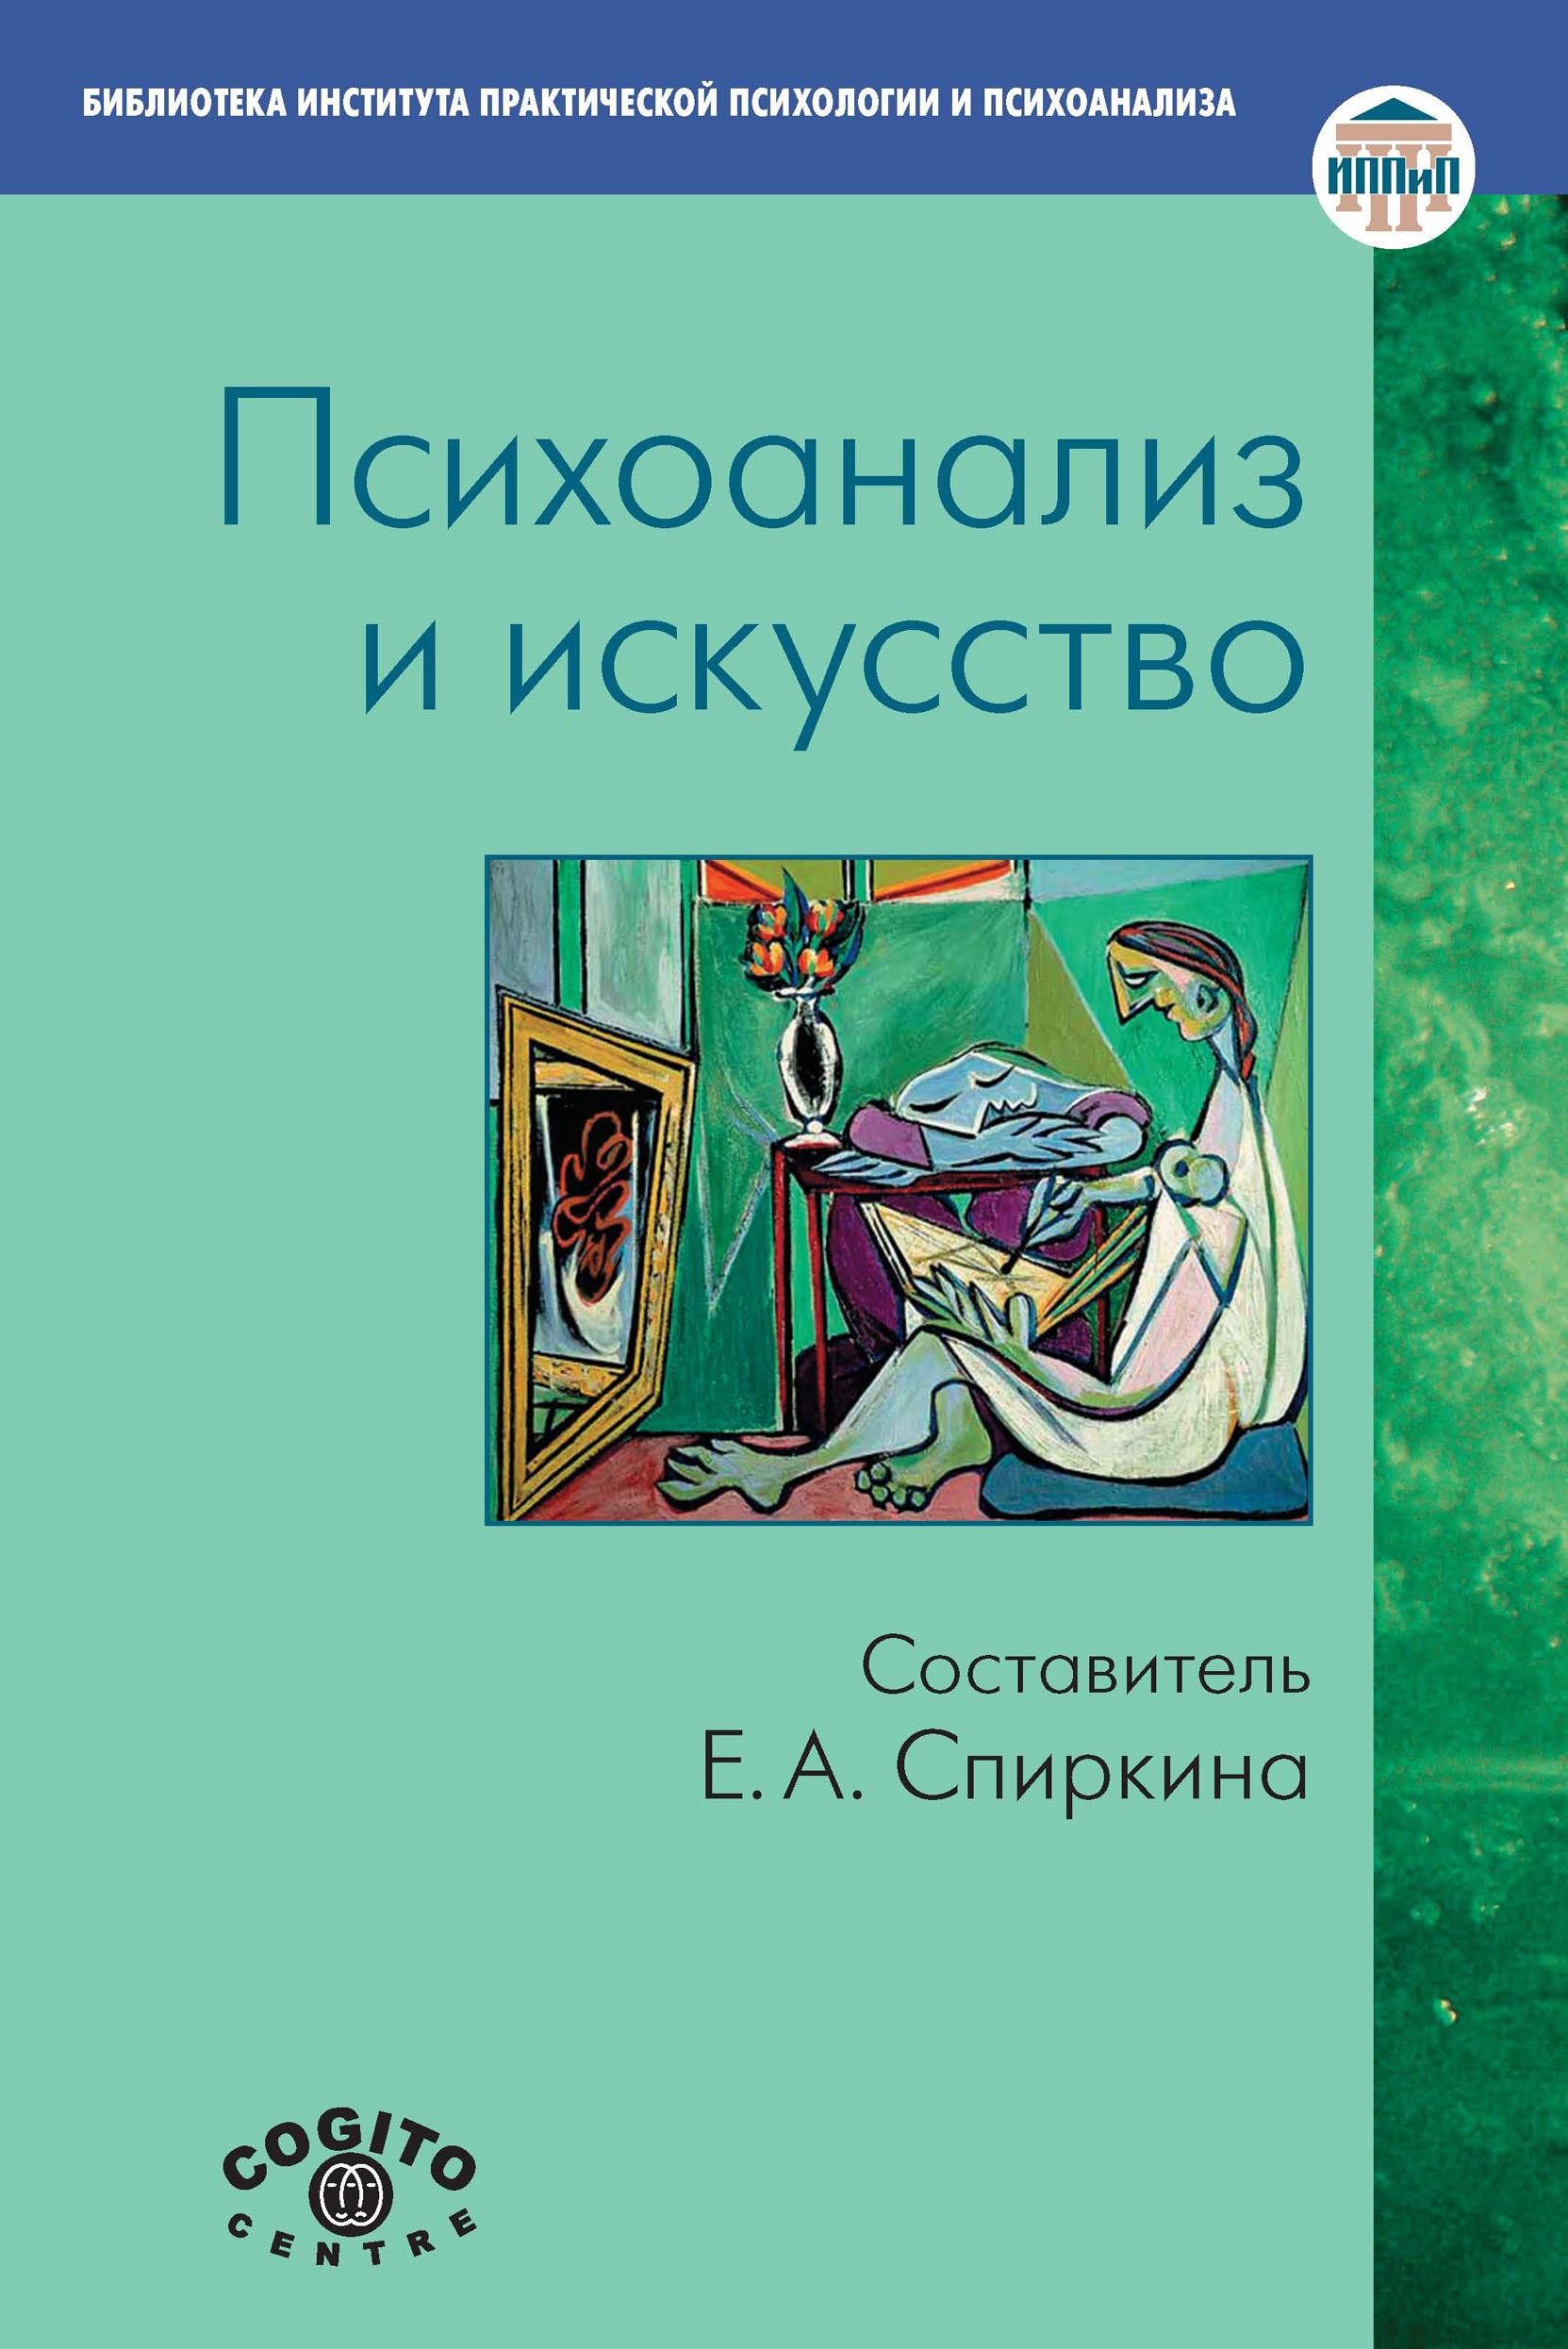 Коллектив авторов Психоанализ и искусство коллектив авторов психоанализ и искусство